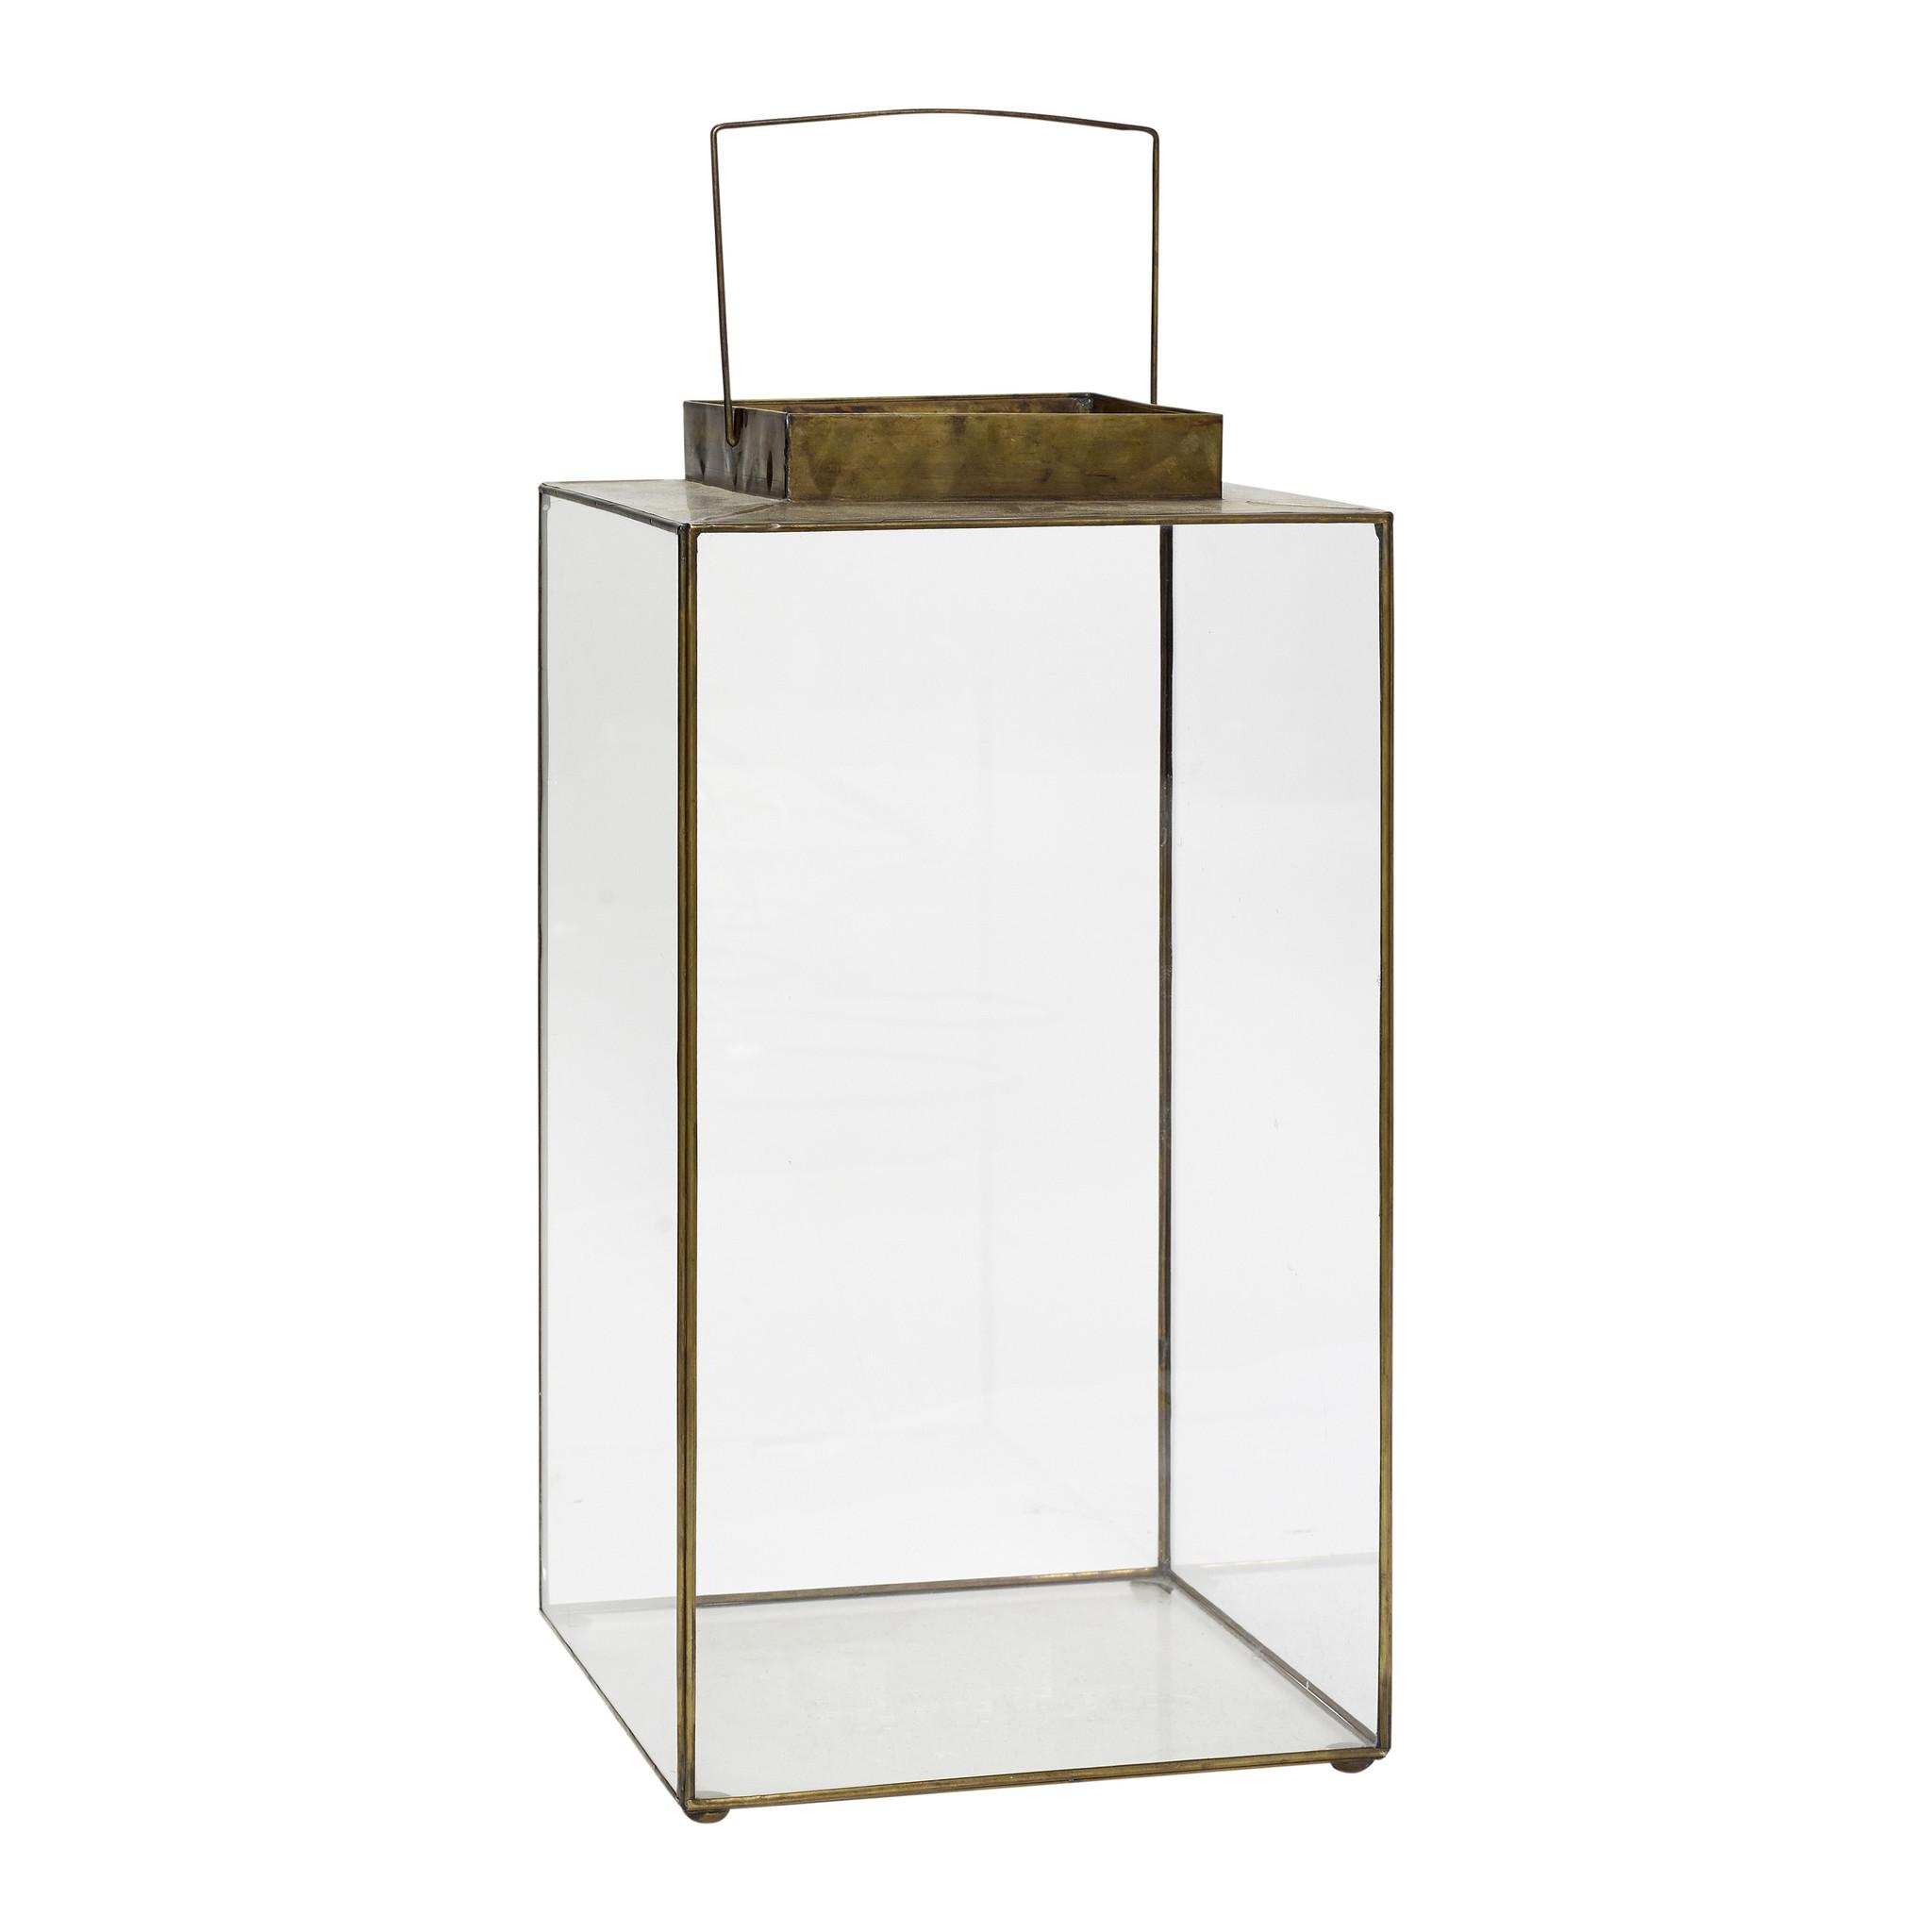 Hubsch Lantaarn met handgrepen, vierkant, messing / glas-310602-5712772060797